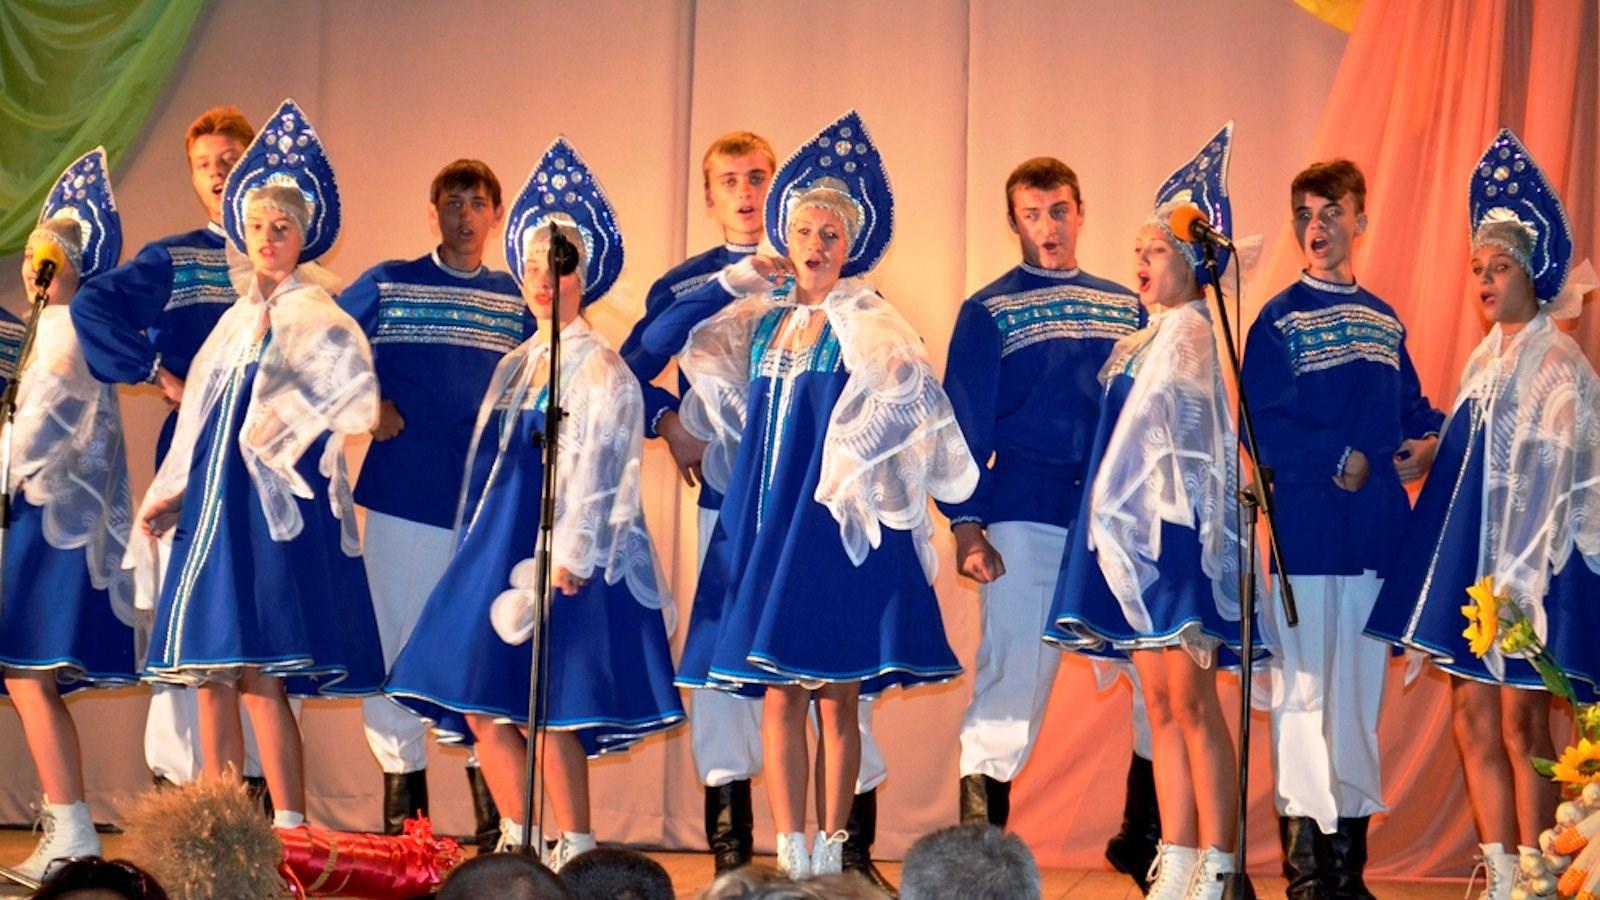 00 lutugino harvest festival lnr. lugansk pr 02. 250815